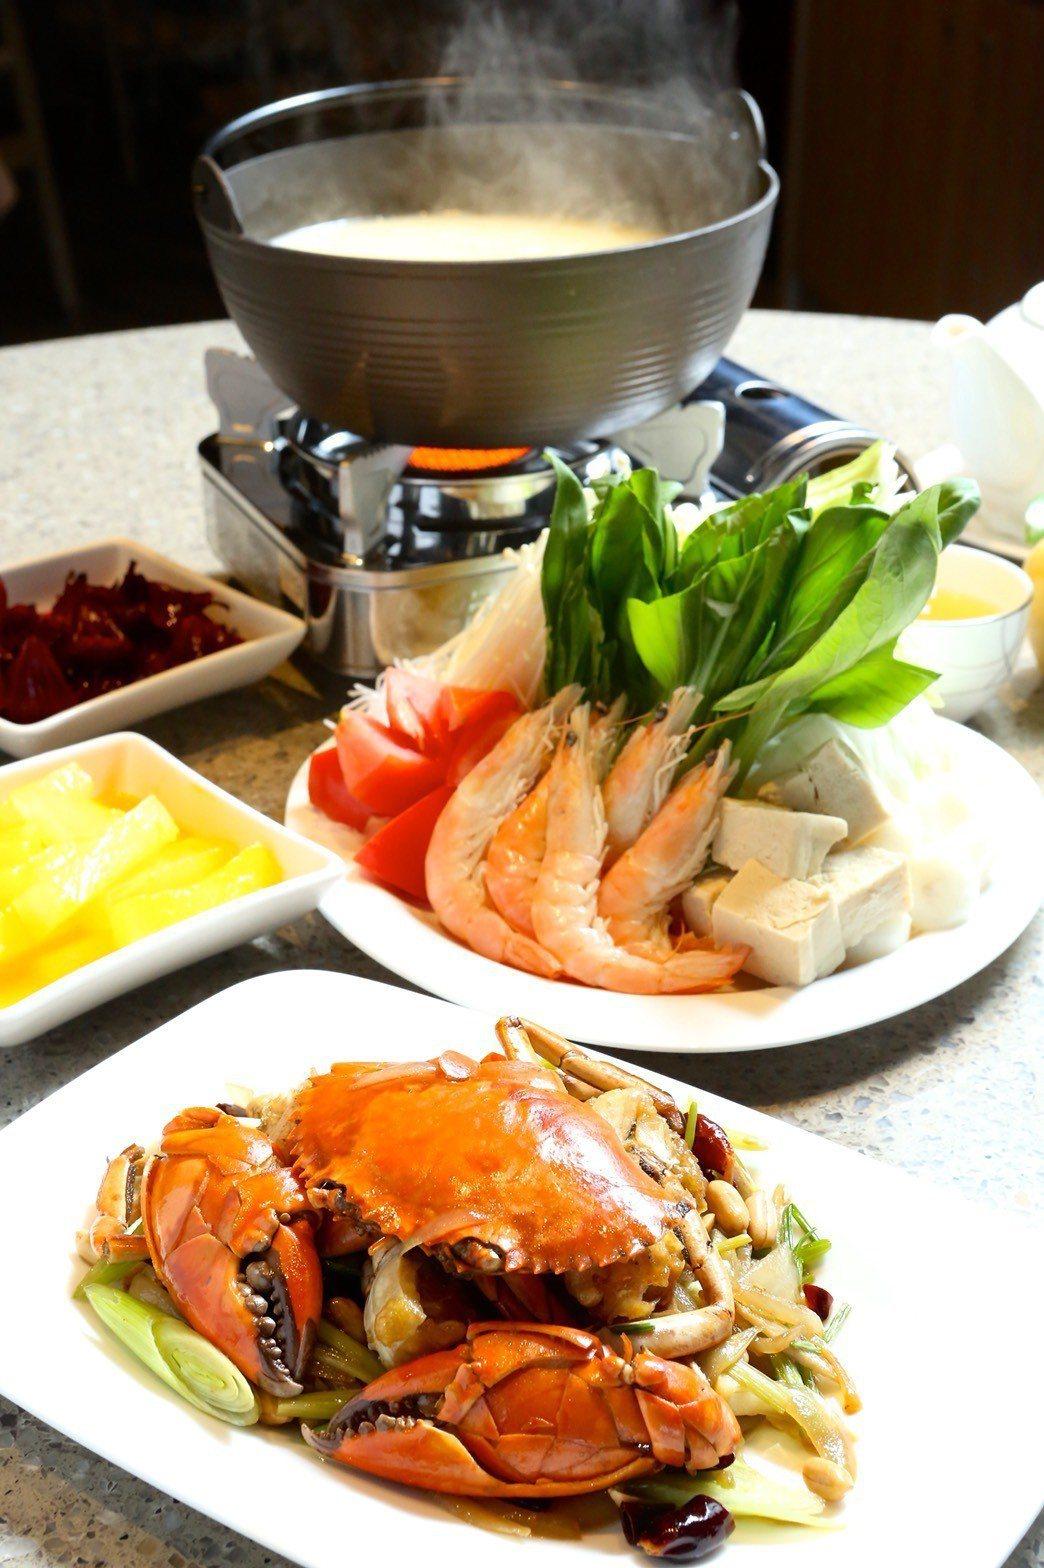 福容大飯店 福隆店冬季新推出的香辣蟹鍋,採用當地現撈的螃蟹,加入夠味的辣醬,一鍋...